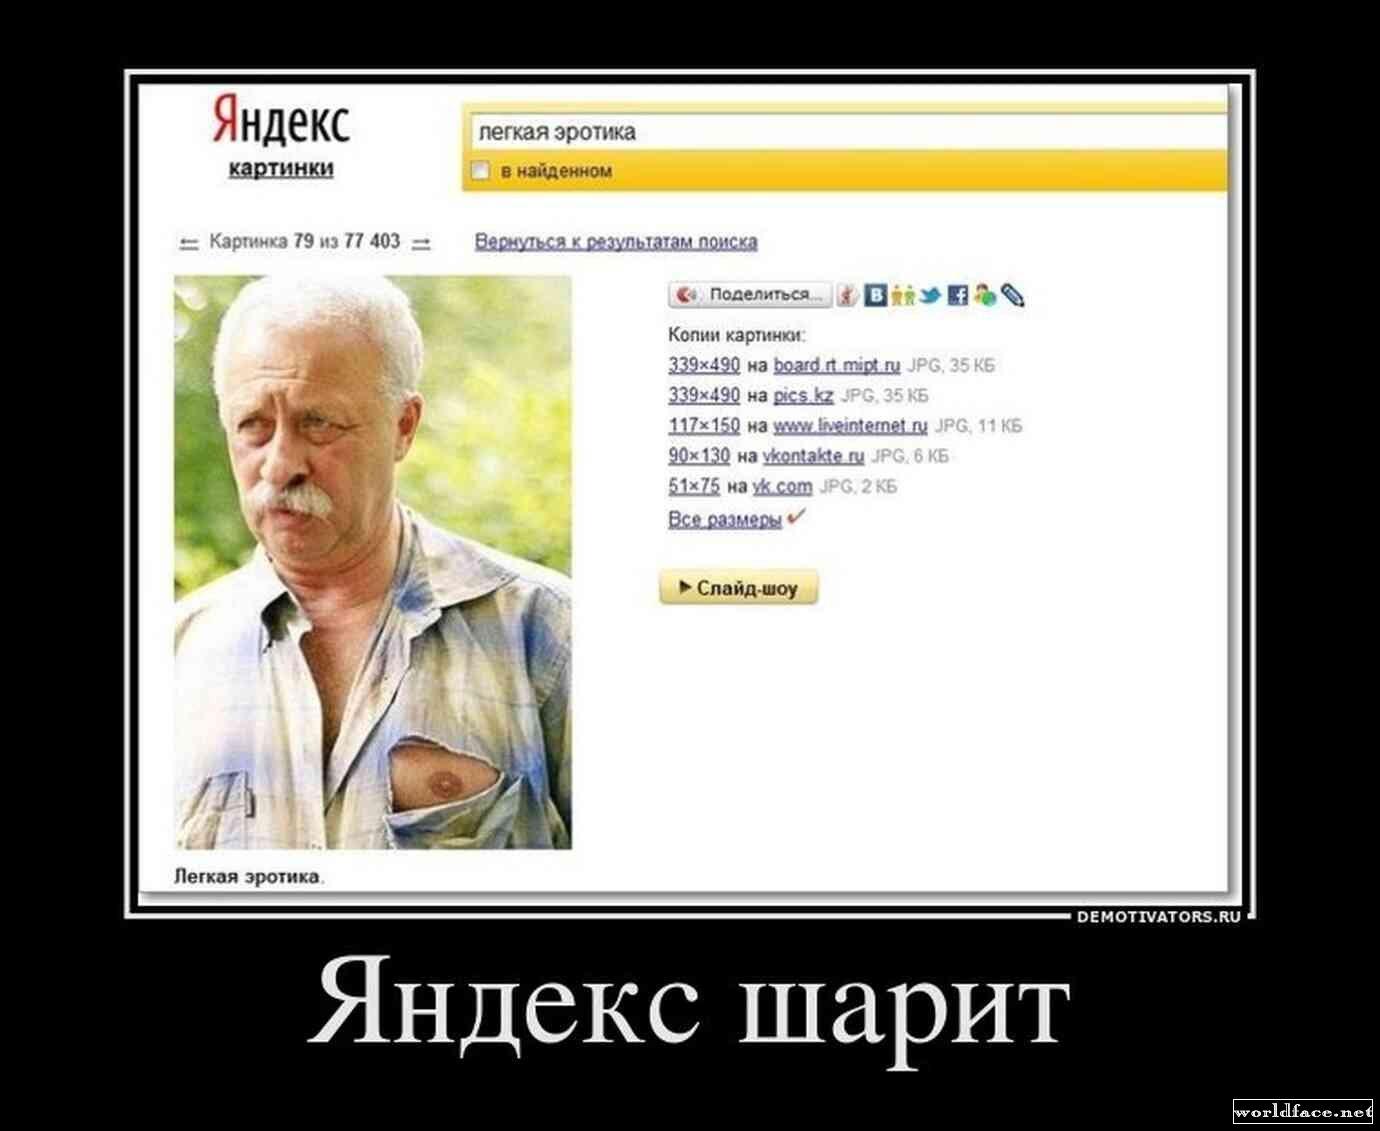 Яндекс картинки легкая эротика О в найденном Картинка 79 из 77 403